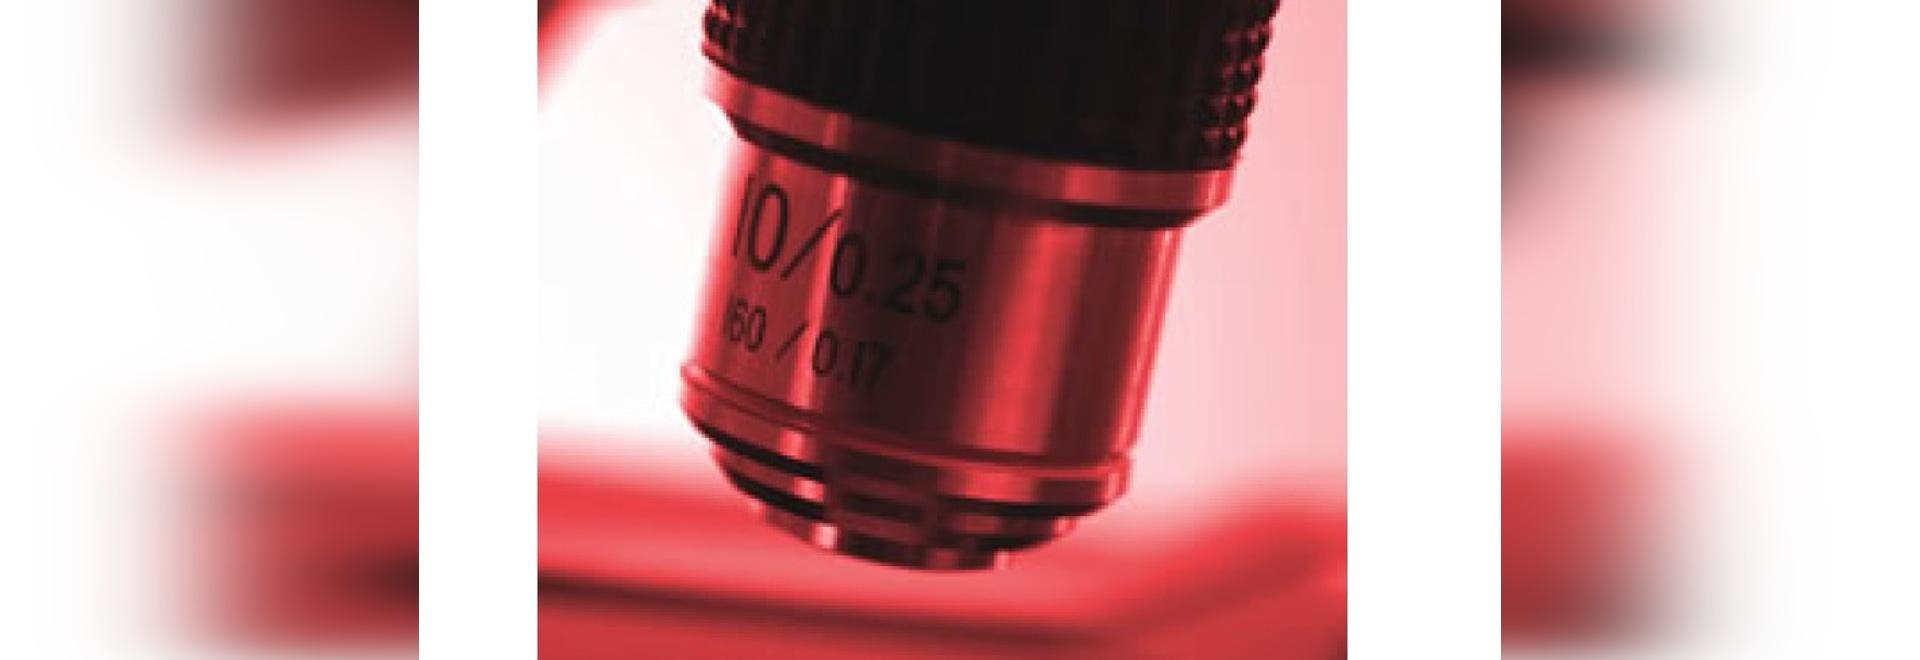 Annonce d'un nouveau microscope d'imagerie FTIR